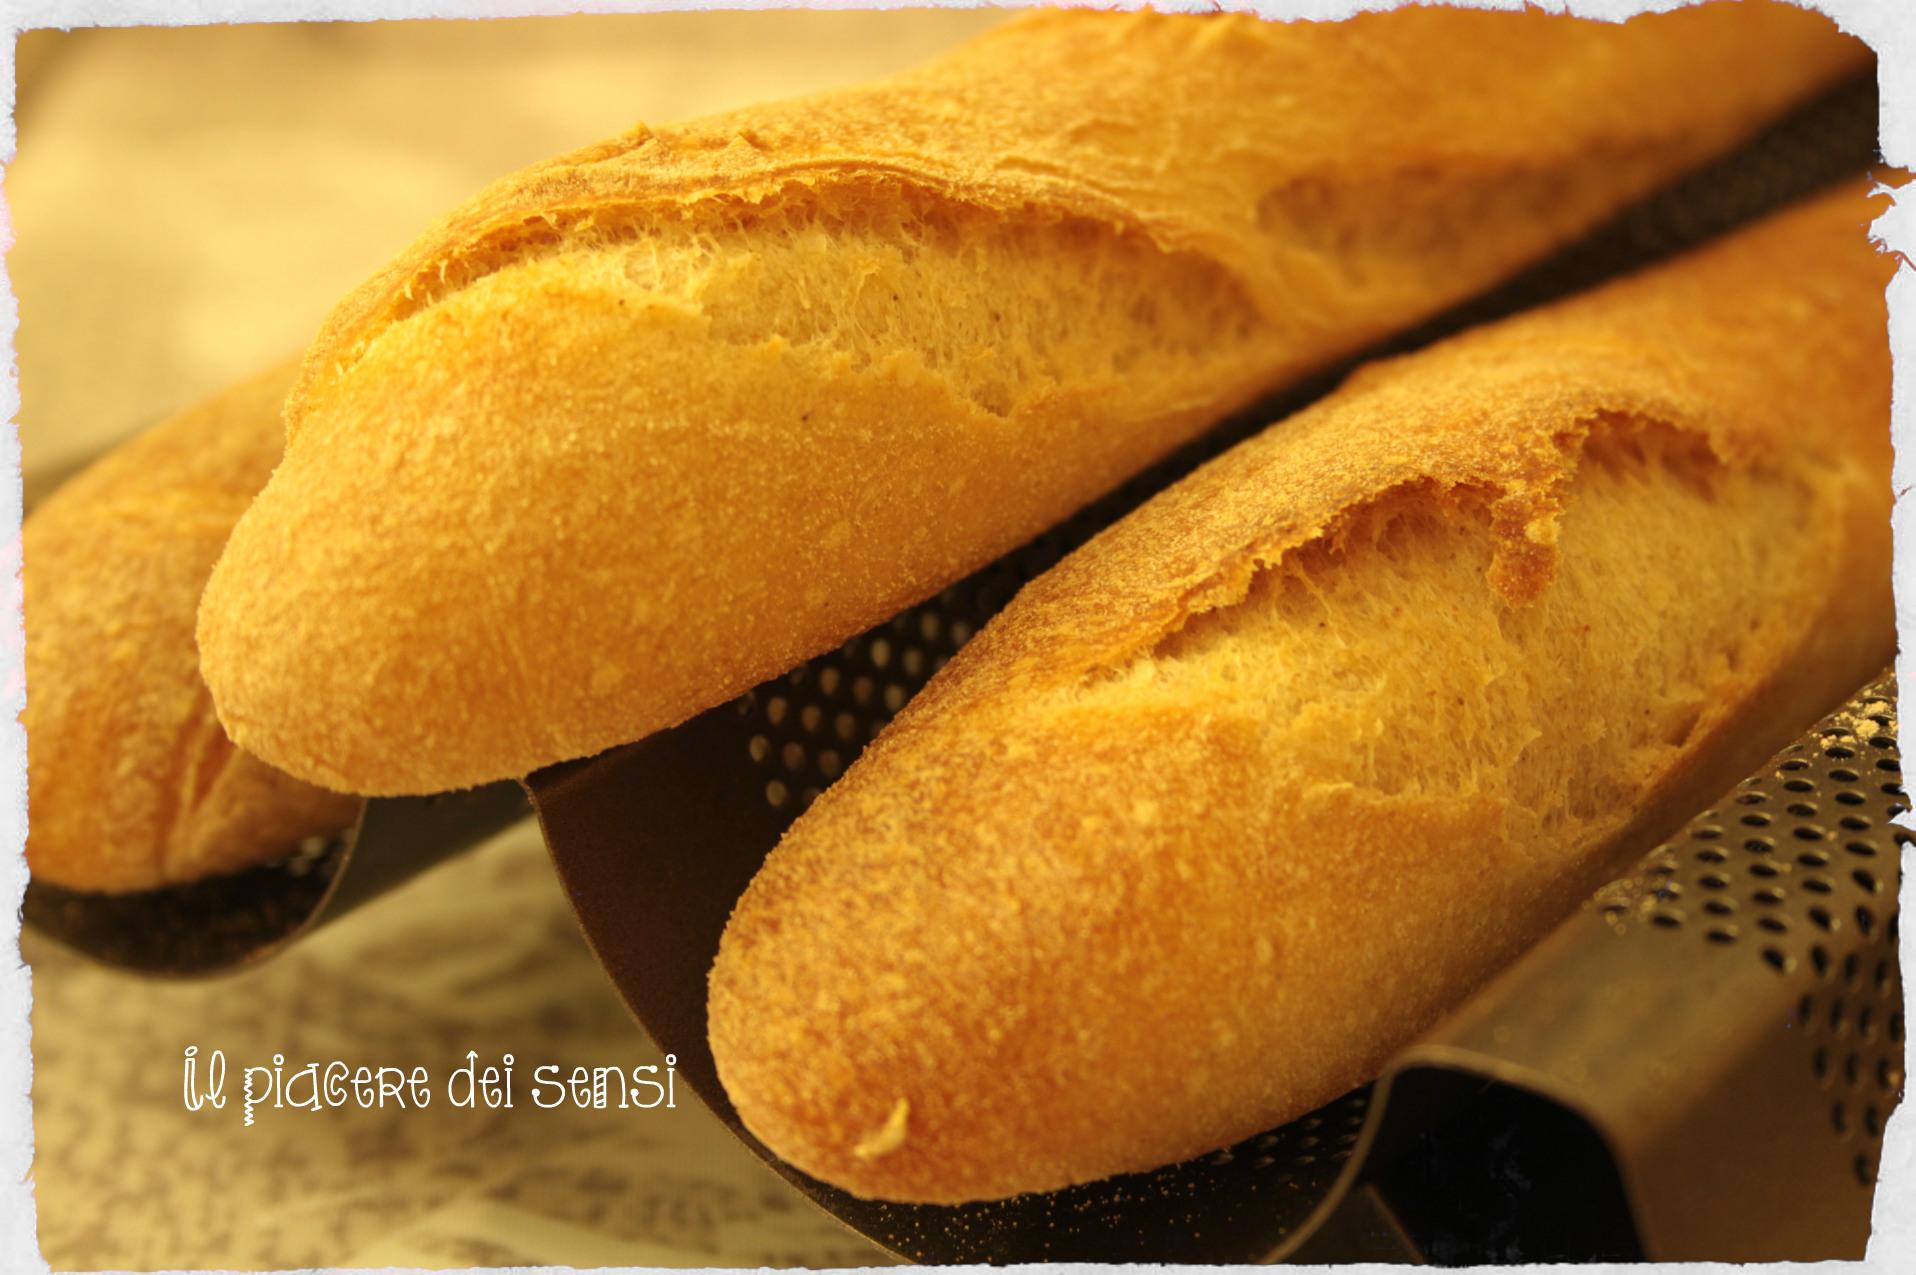 baguette versione con biga